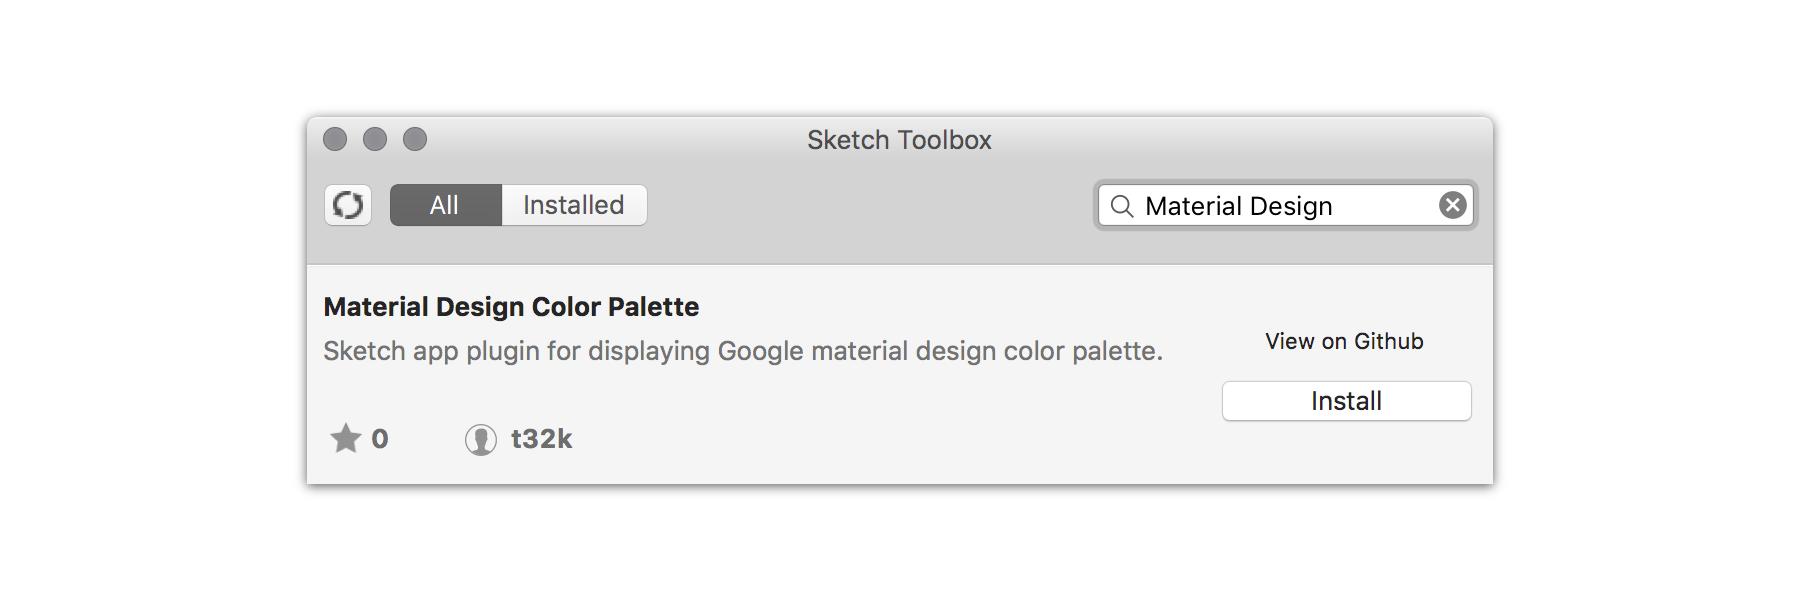 Sketch Toolbox.app